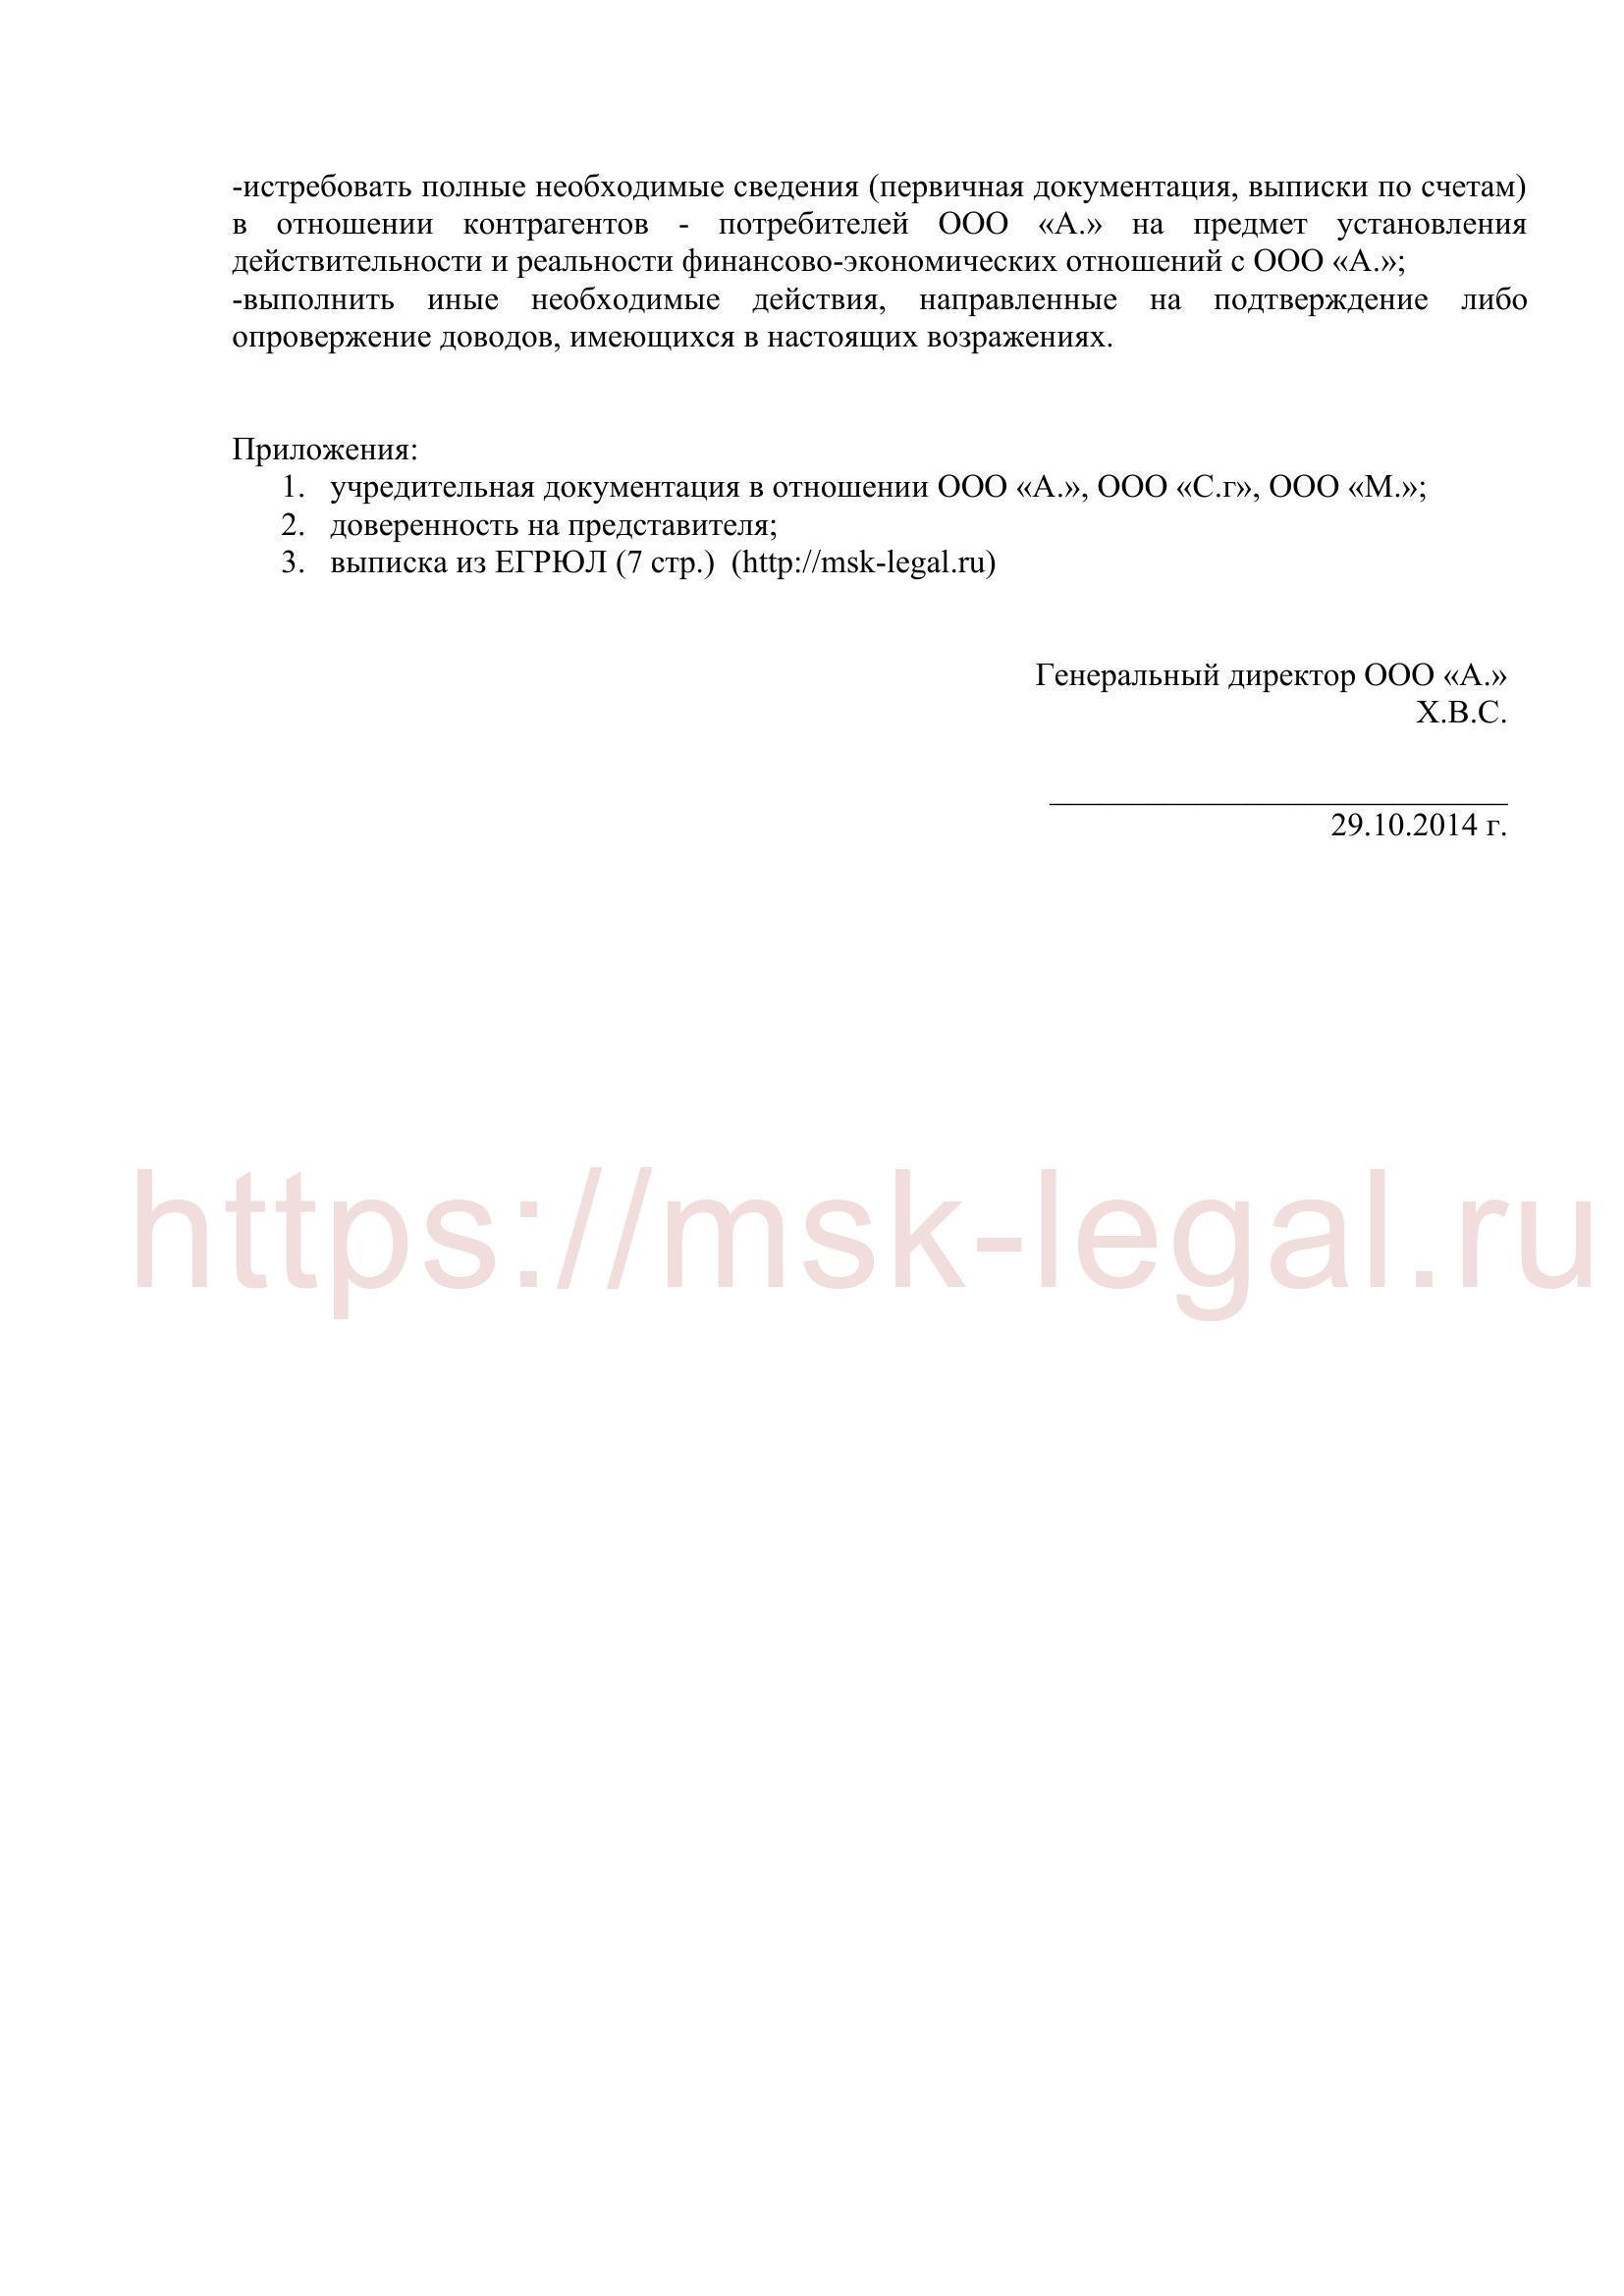 Возражения на акт налоговой проверки (2)